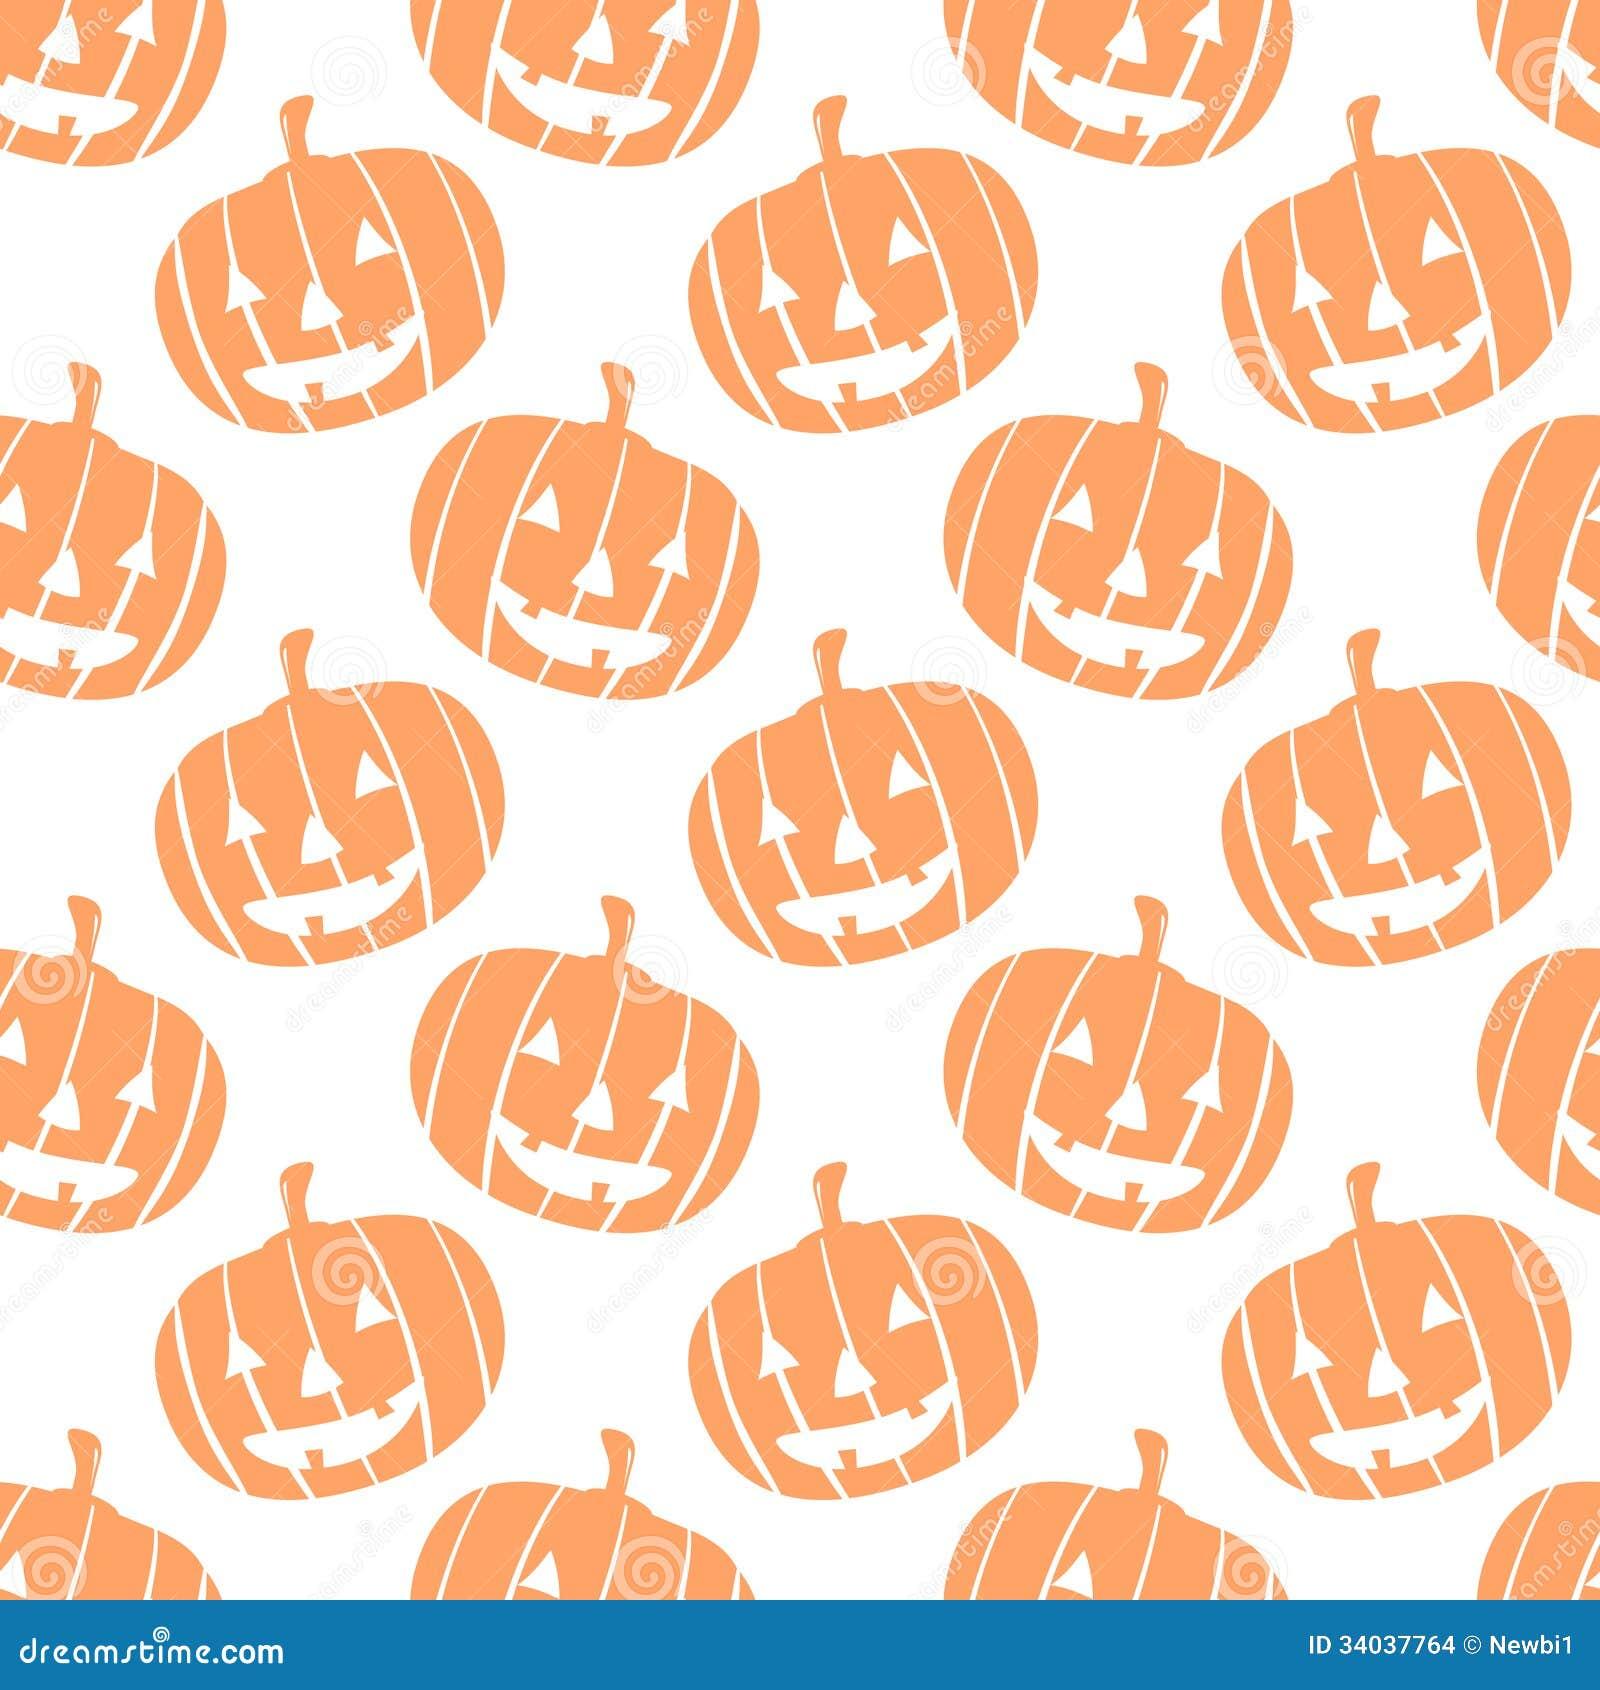 pumpkin pattern wallpaper wwwimgkidcom the image kid